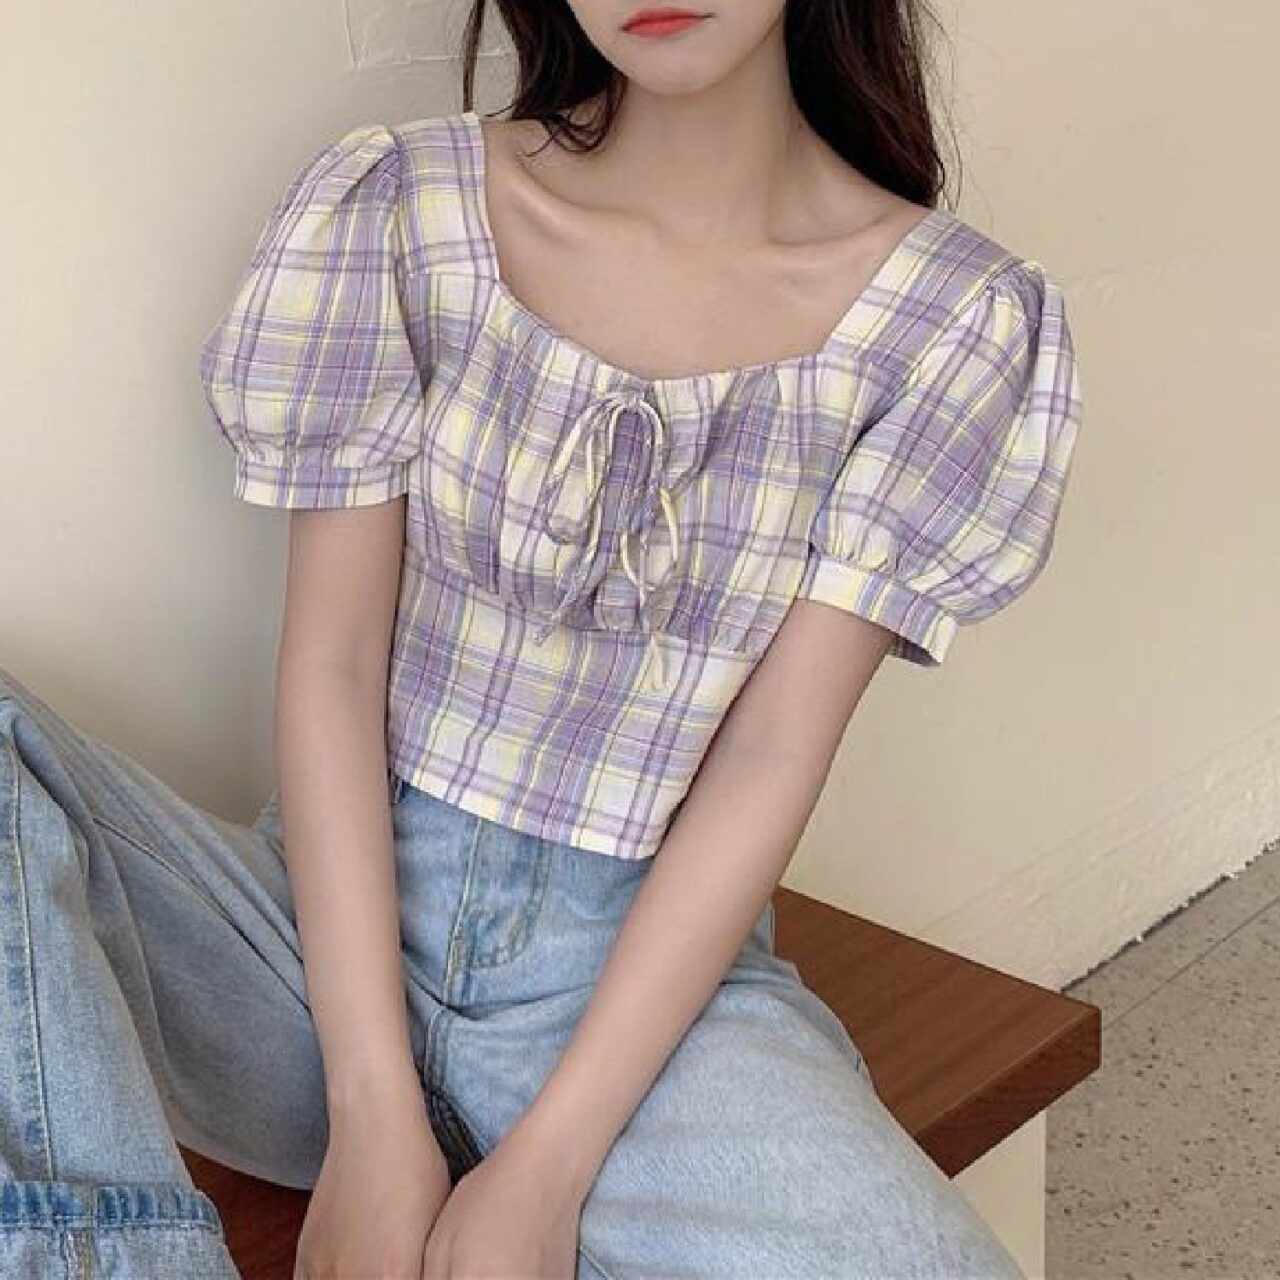 日本中の垢抜け女子と「#」で繋がれ。ダイエットに関するSNSのハッシュタグ全集